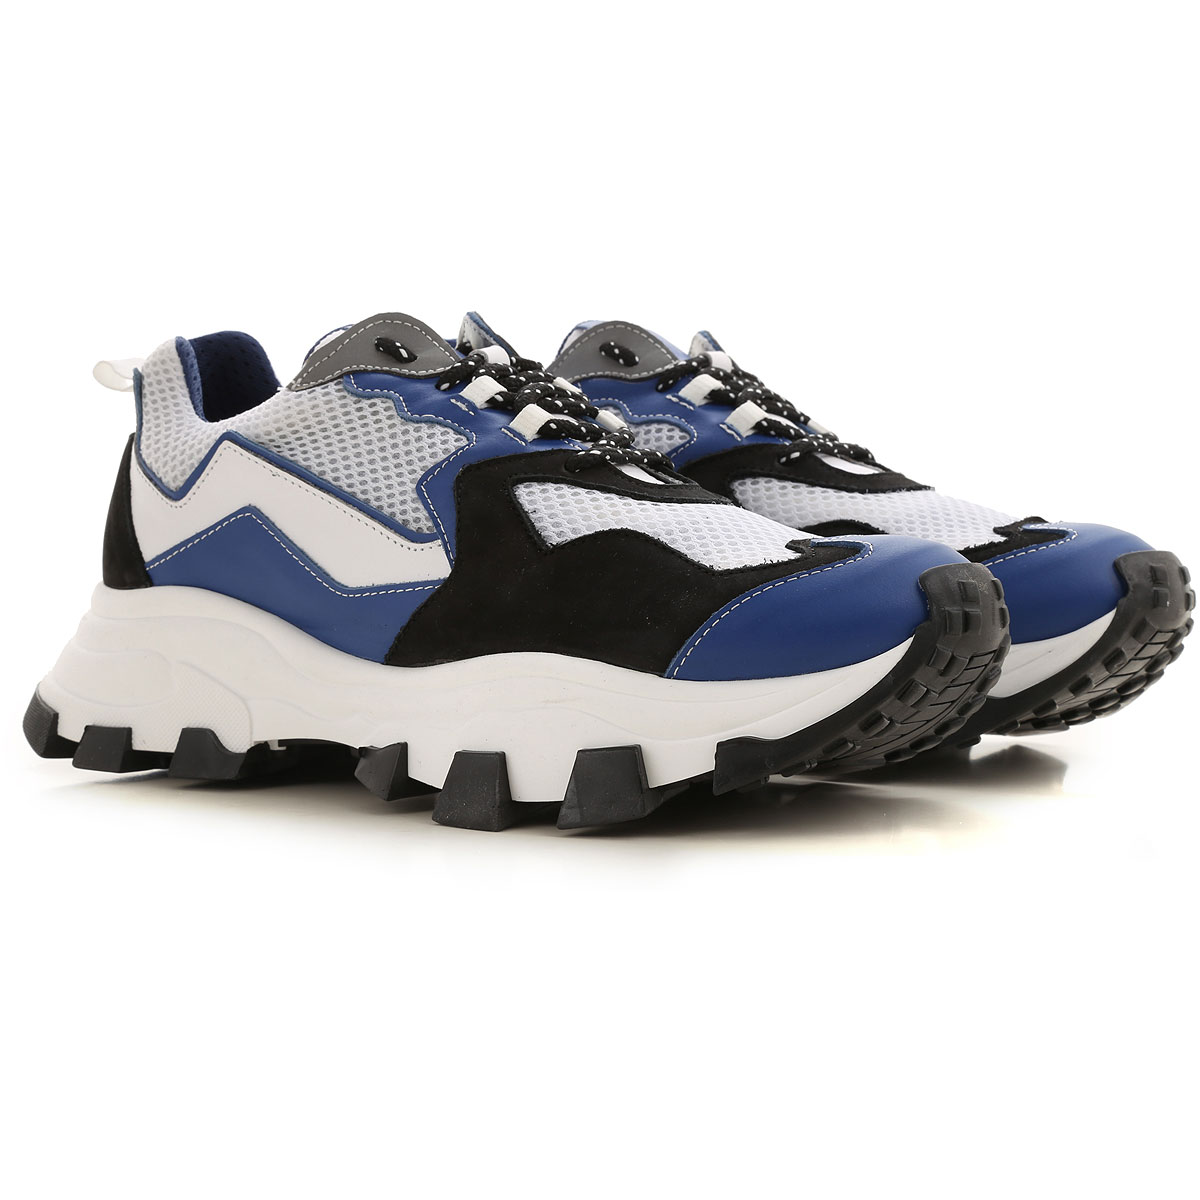 Cinzia Araia Sneaker Homme, Blanc, Cuir, 2019, 40 41 42 43